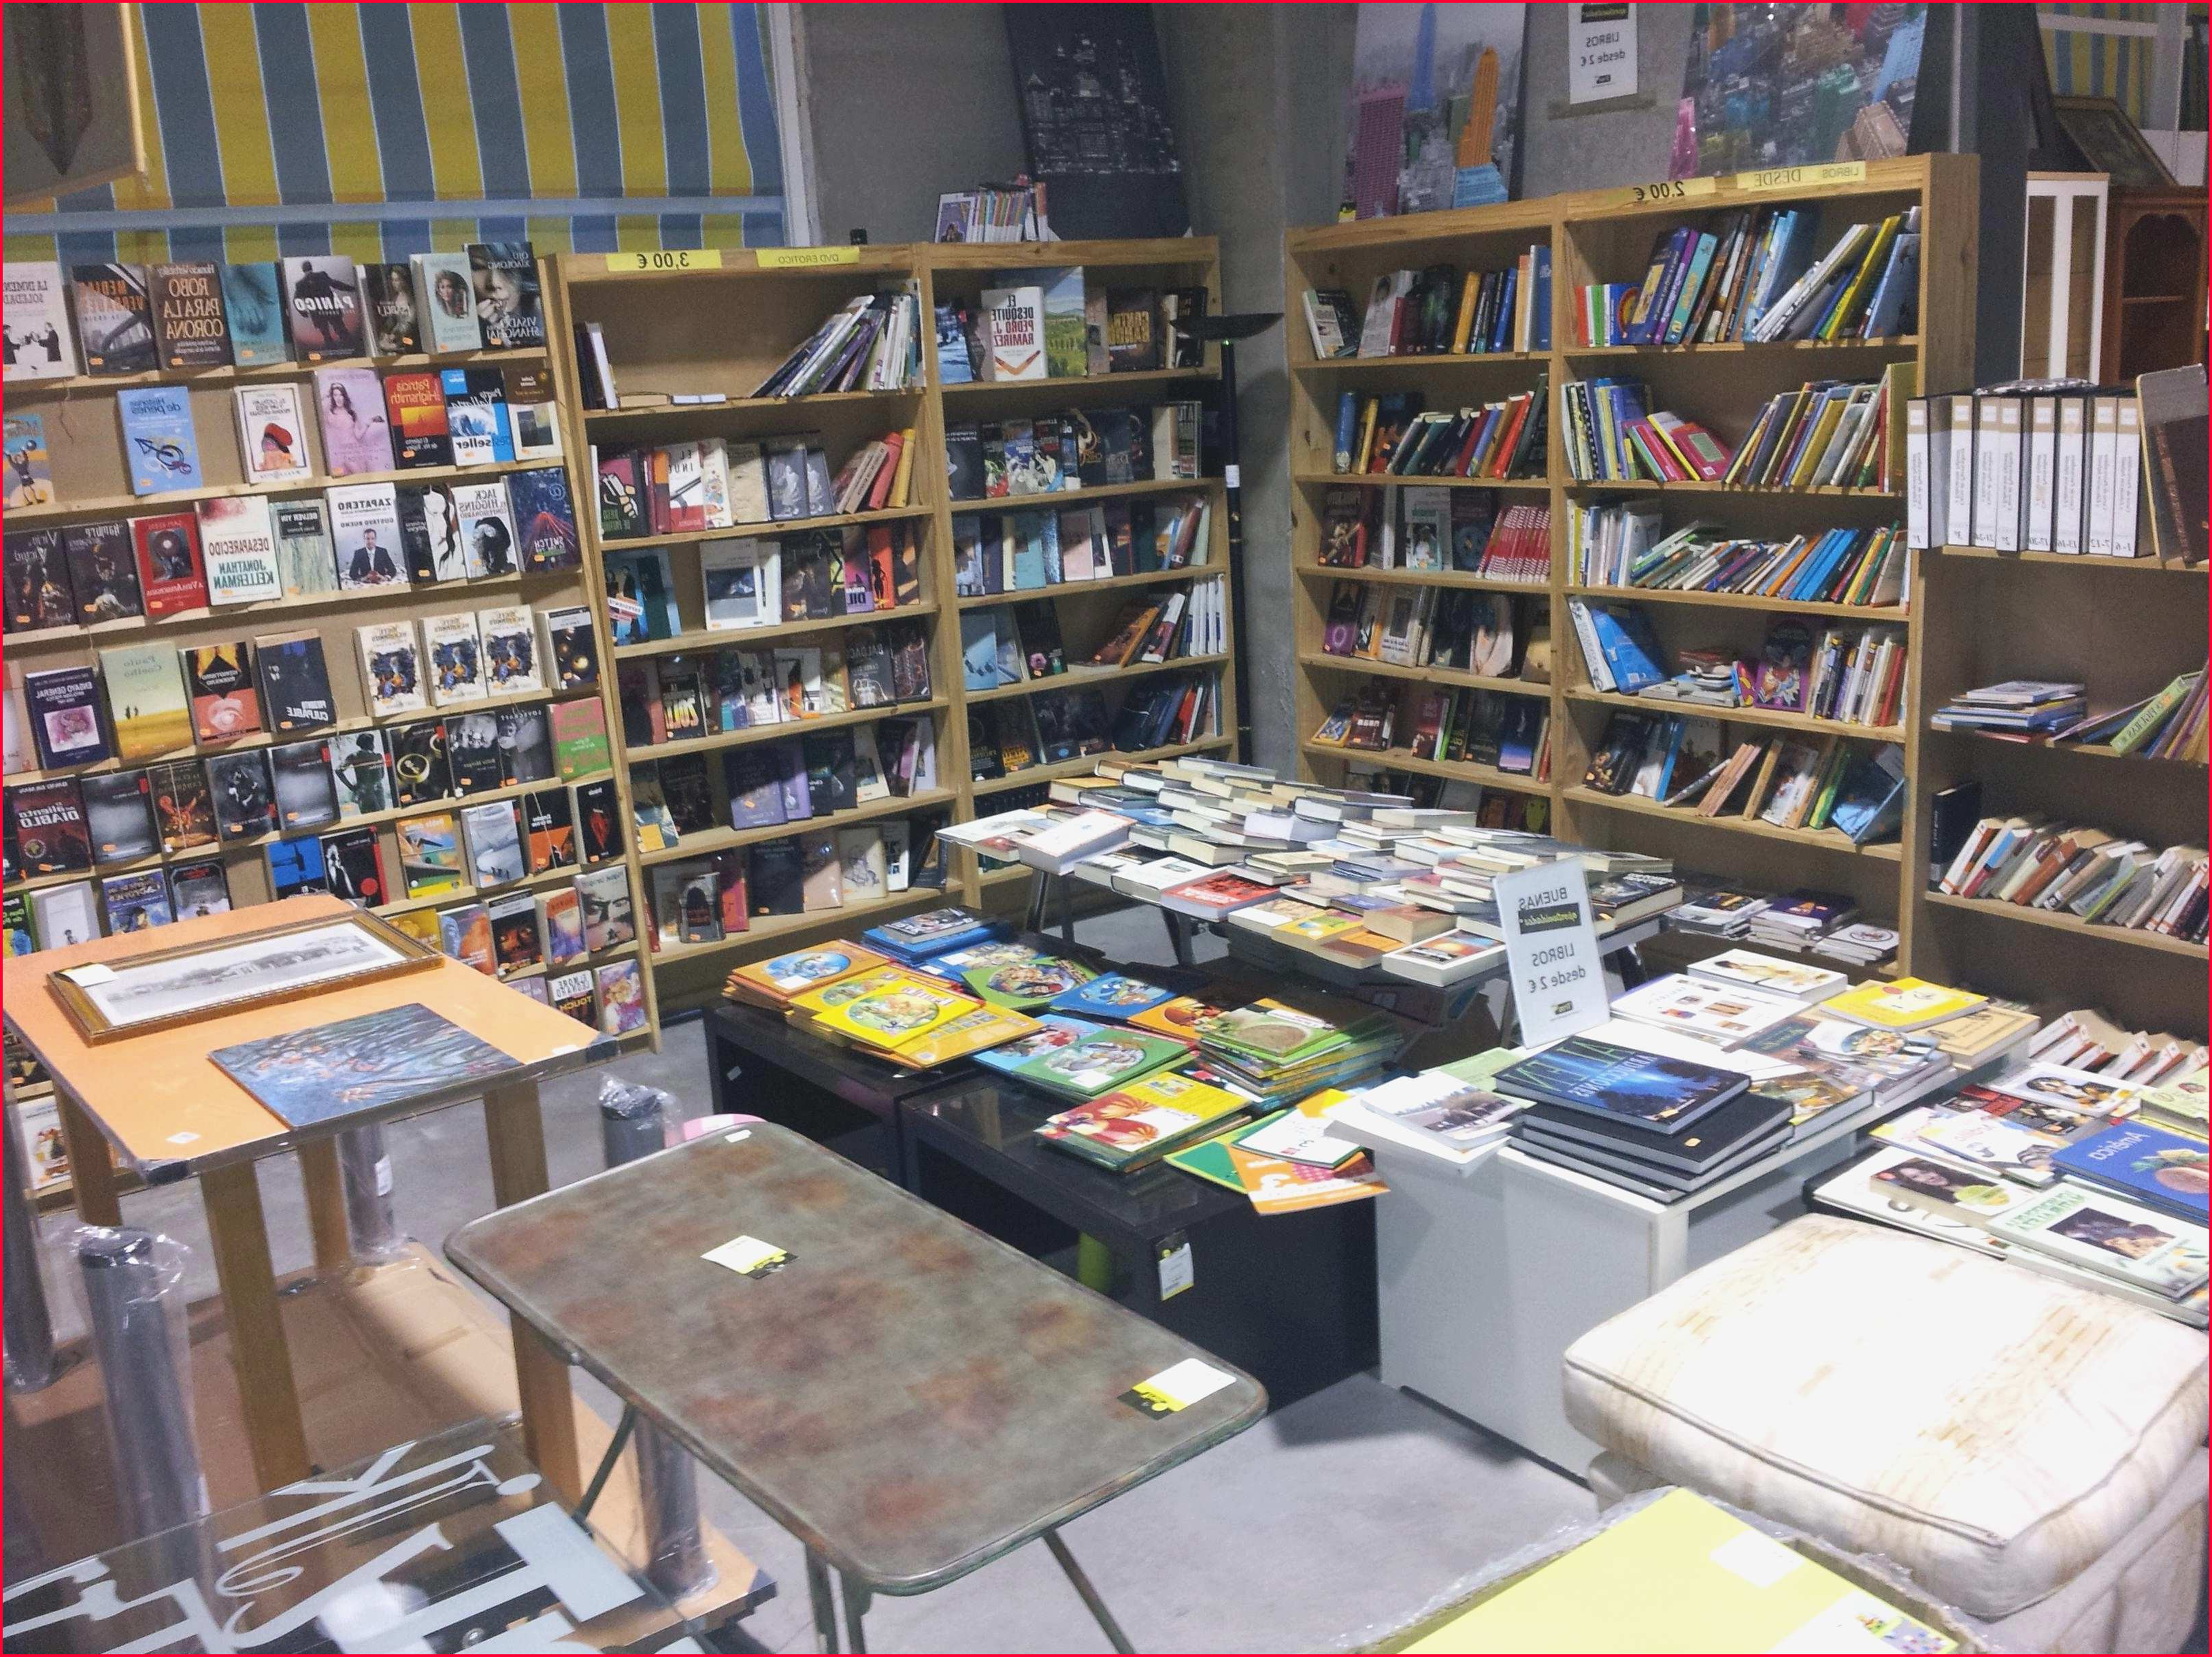 Vender Muebles Usados Barcelona Thdr Vender Muebles Usados Barcelona Impresionante Vender Muebles